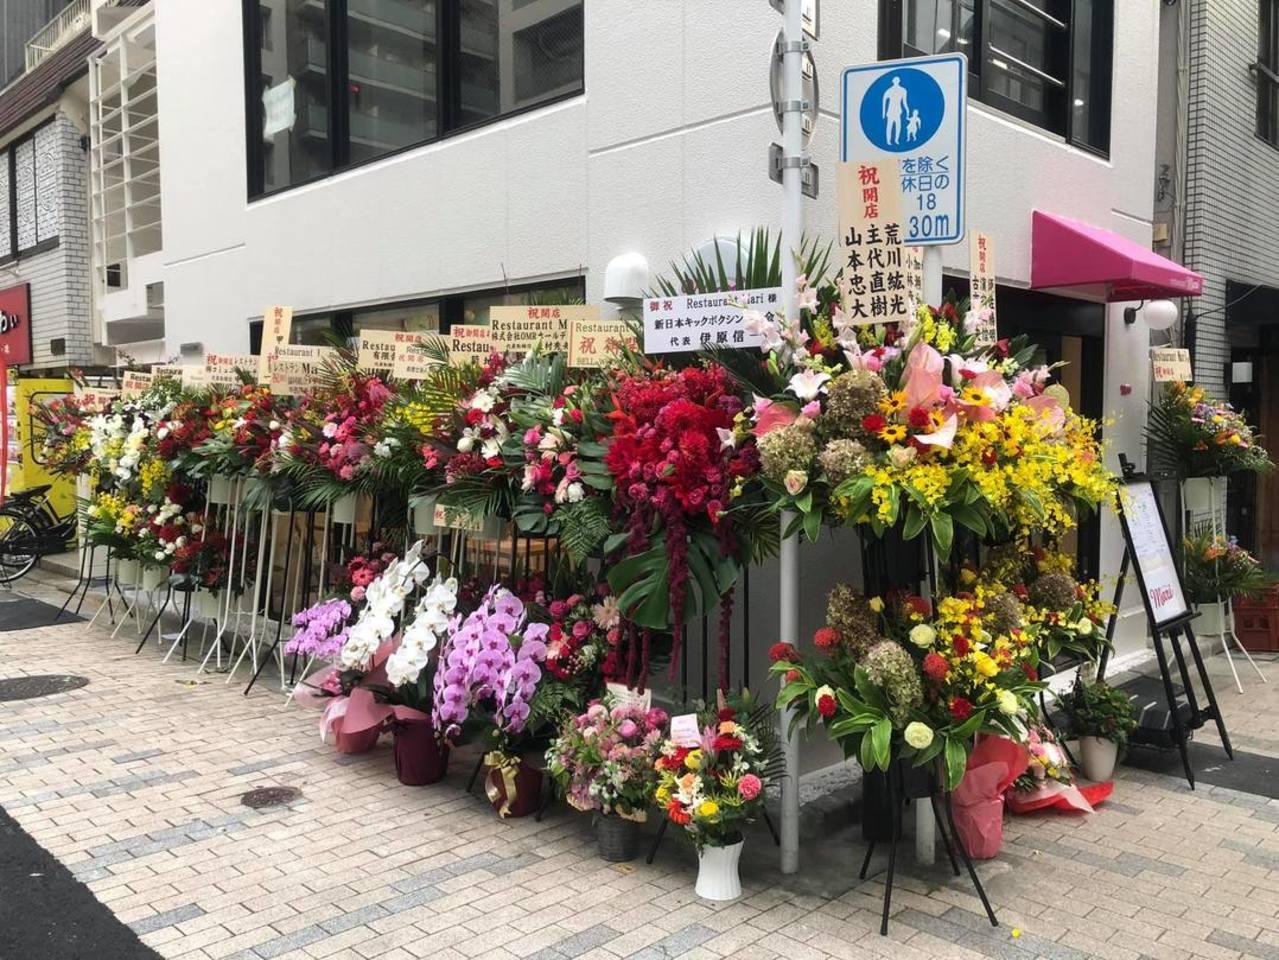 祝!11/6.GrandOpen『レストラン マリ』カフェレストラン(東京都千代田区)